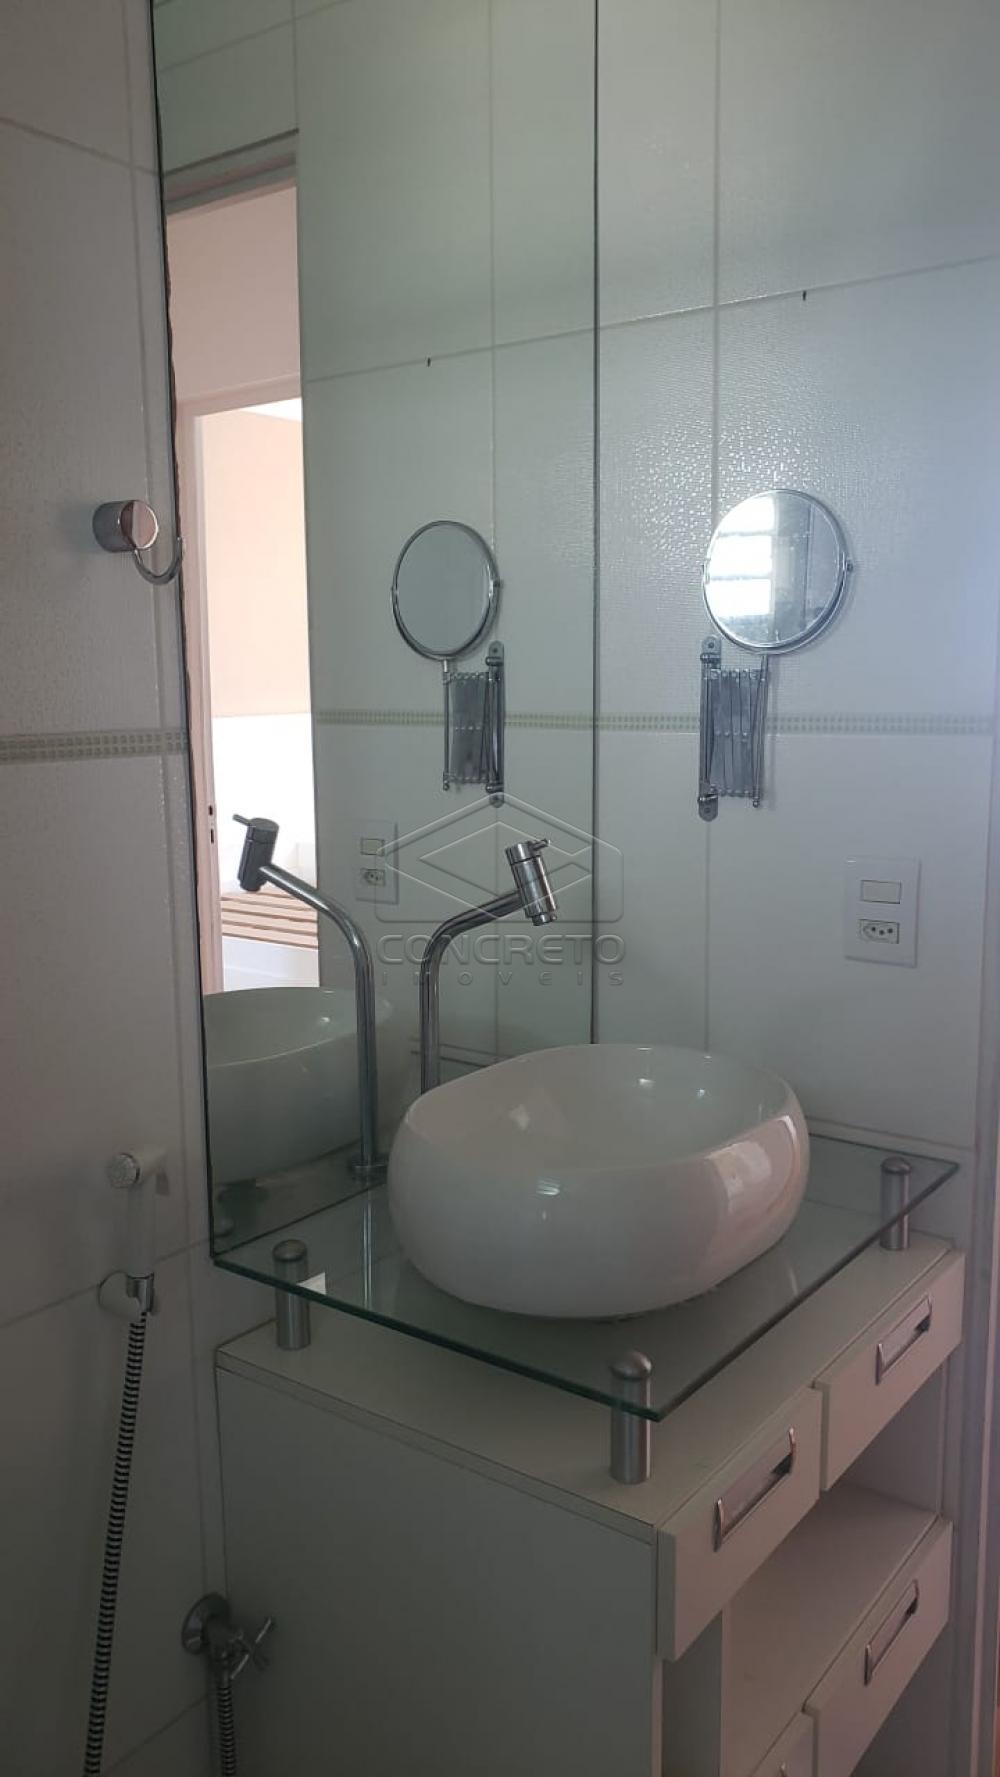 Comprar Apartamento / Padrão em Bauru R$ 189.000,00 - Foto 15